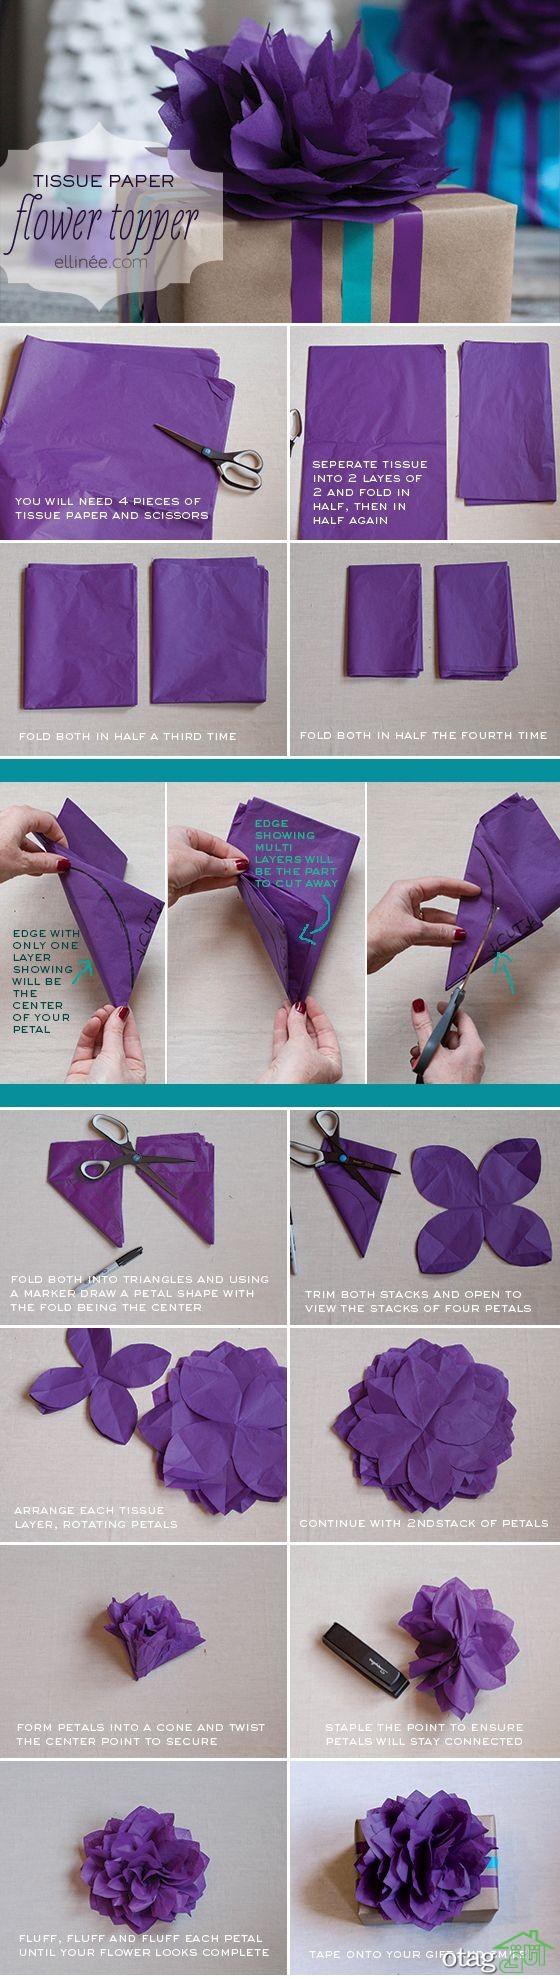 آموزش ساخت گل کاغذی (2)